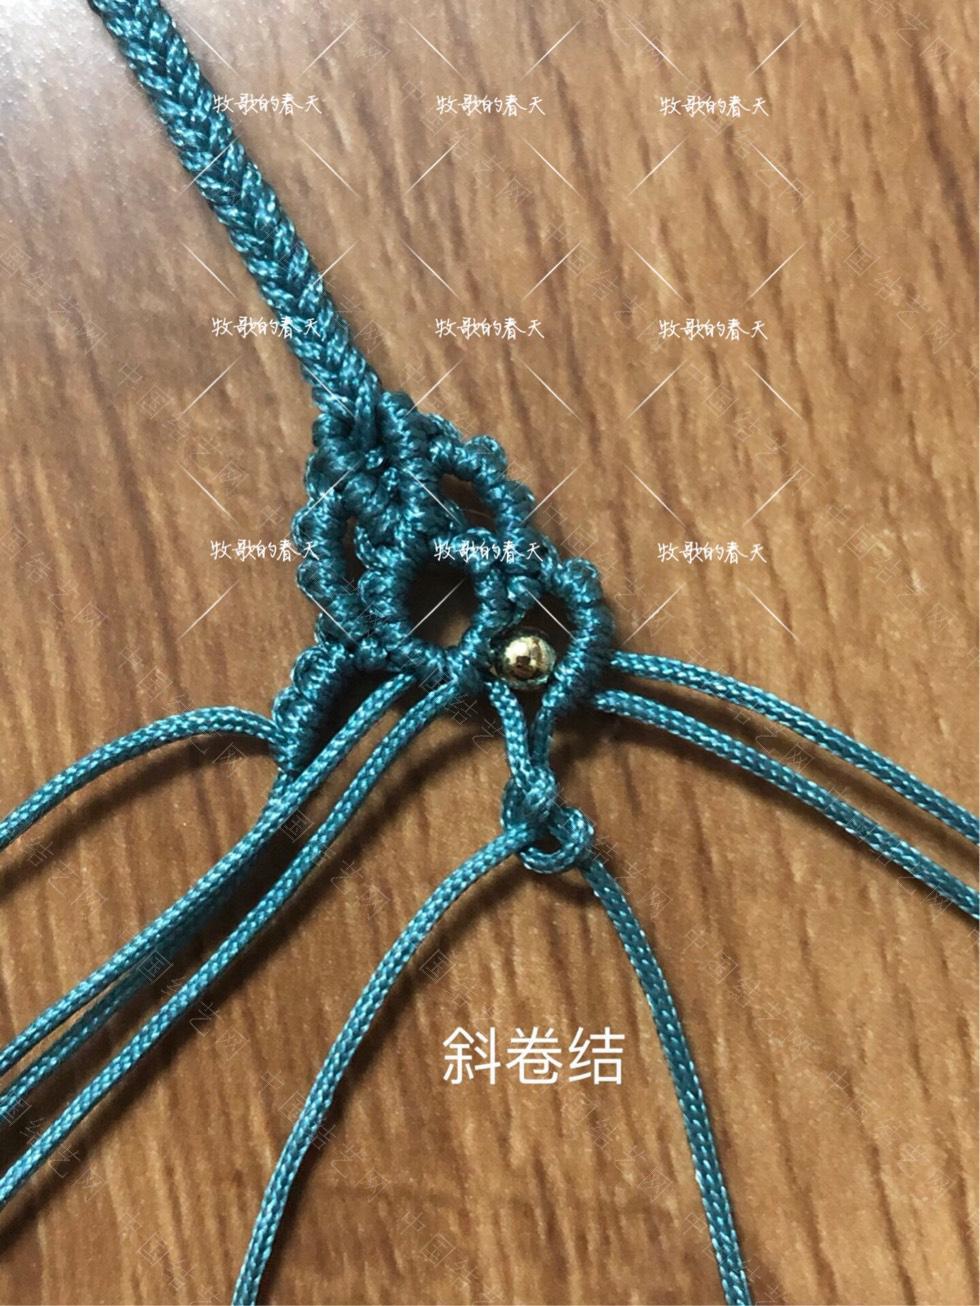 中国结论坛 挂绳尾扣随拍过程  图文教程区 131314tf71rc7qrhnf7kp4